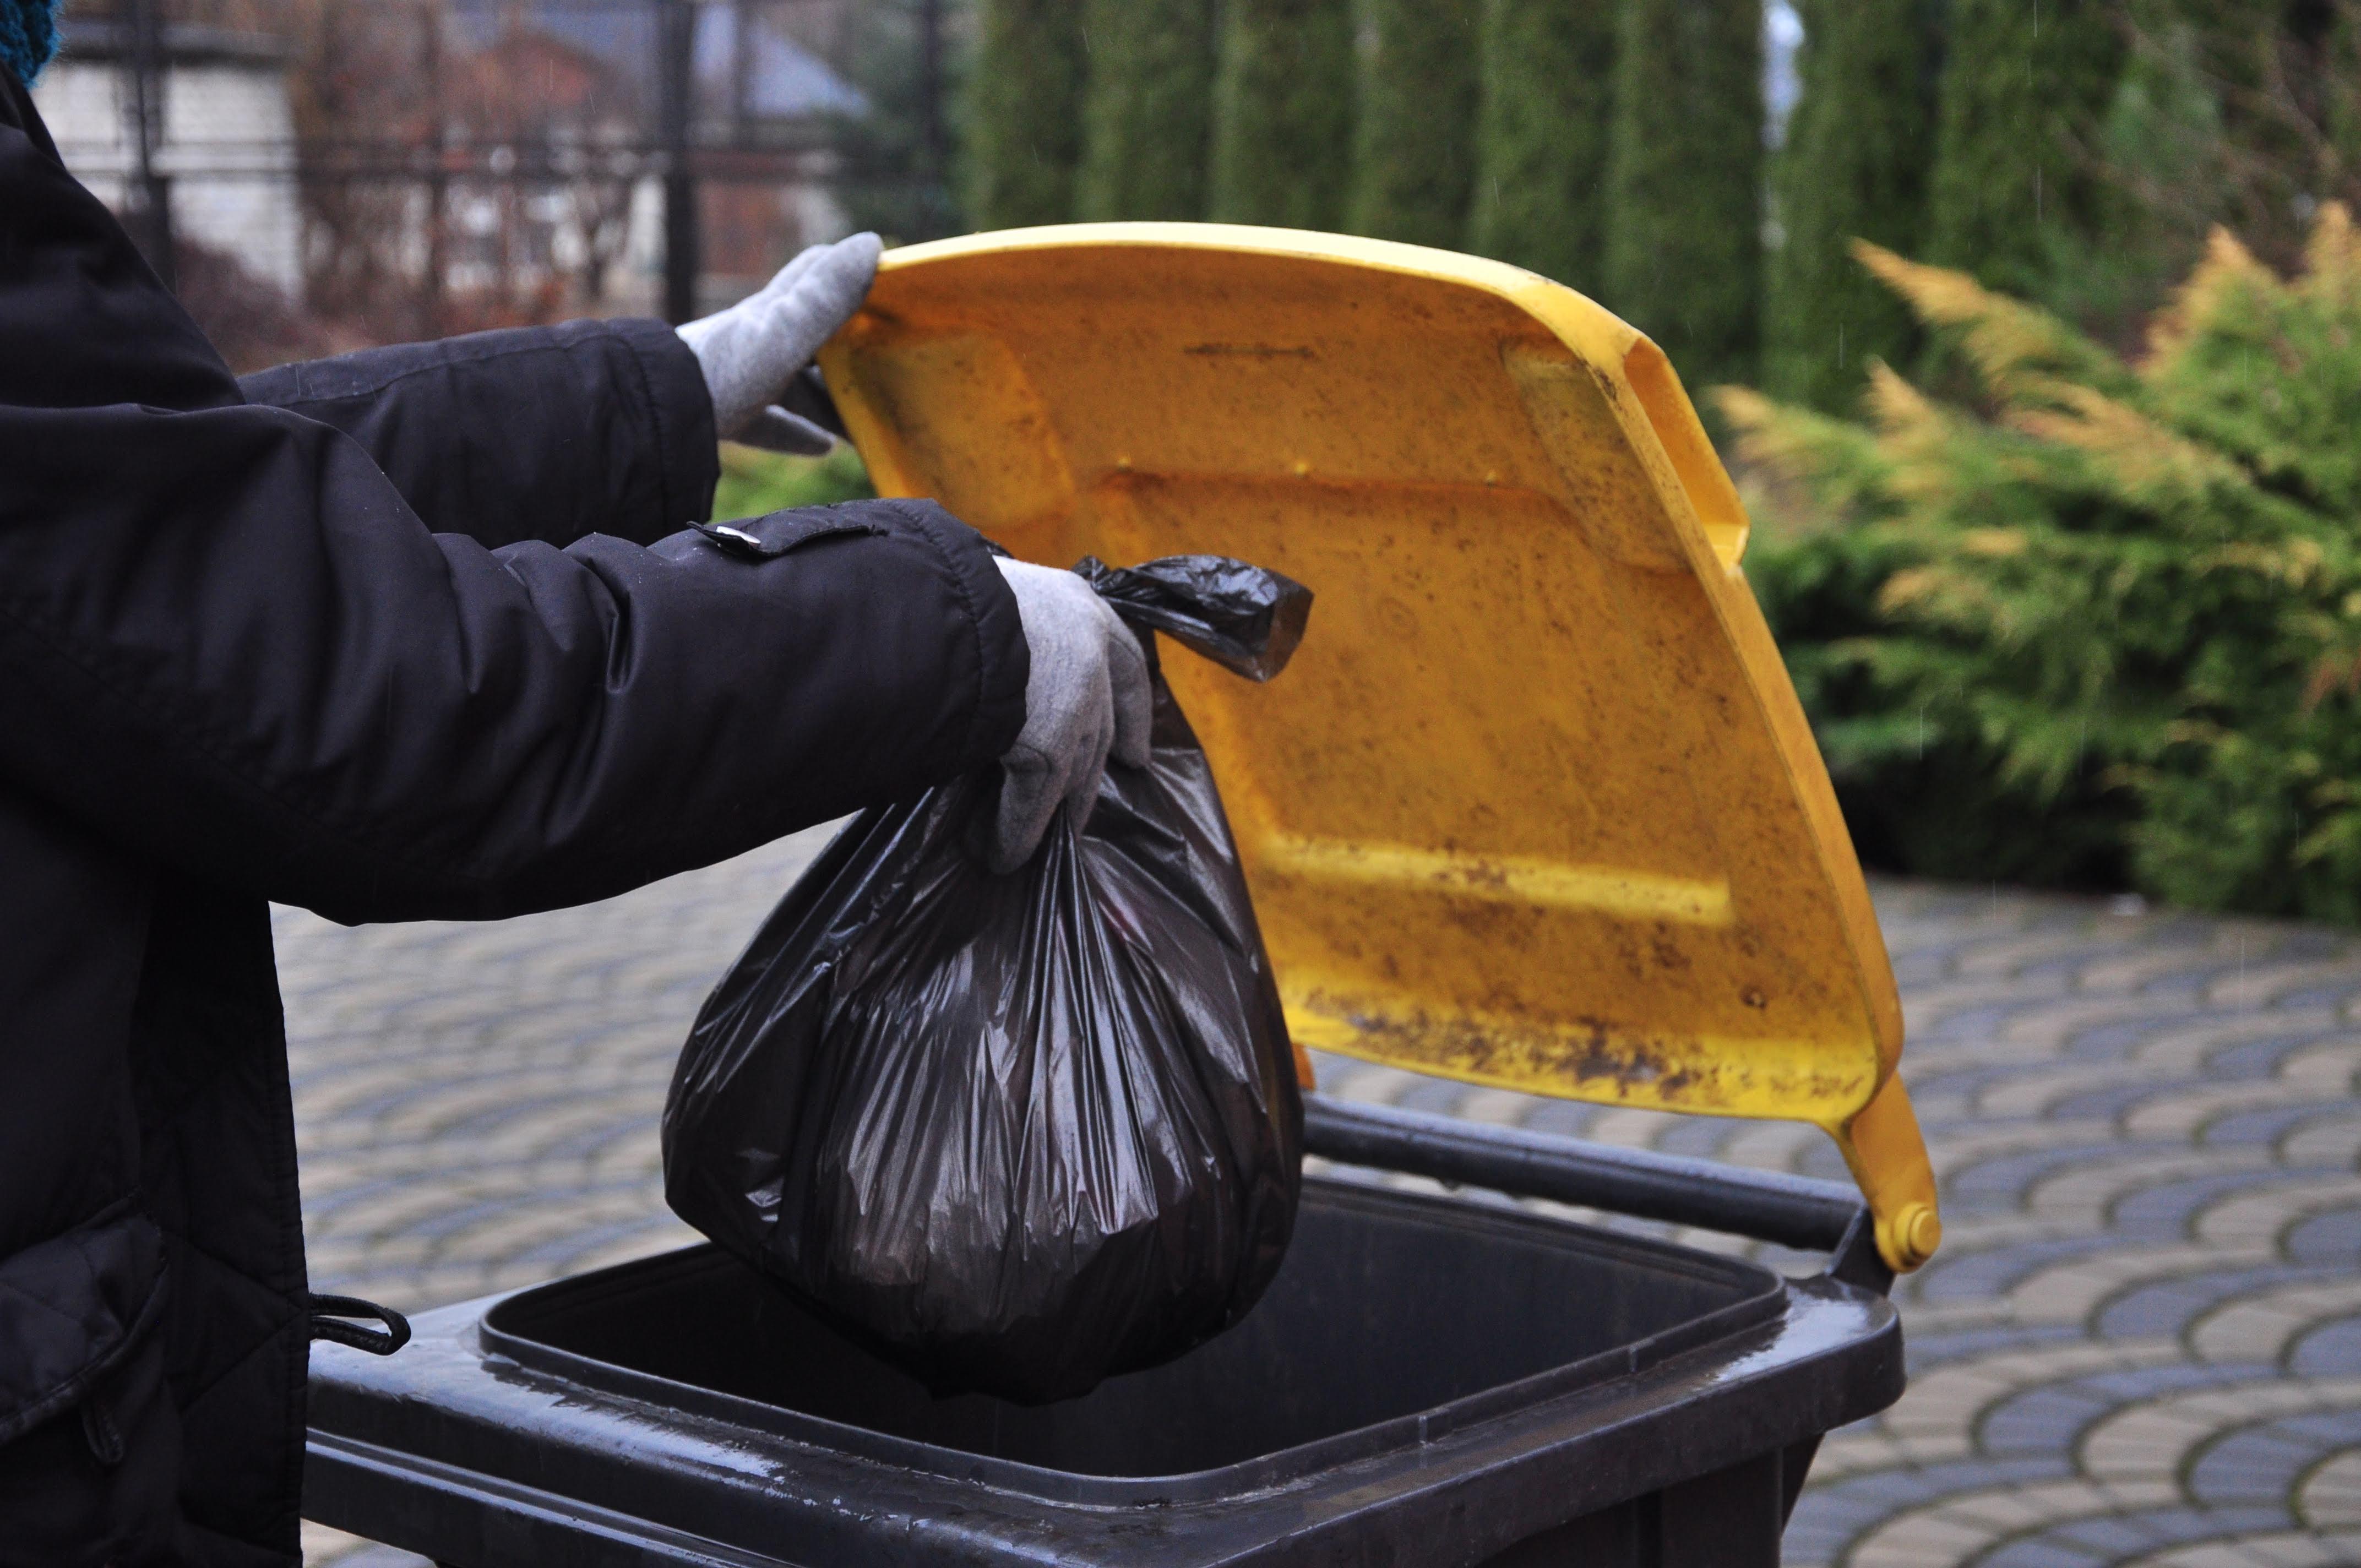 GMINA RANIŻÓW. Zabiorą śmieci, ale nie z domów  - Zdjęcie główne